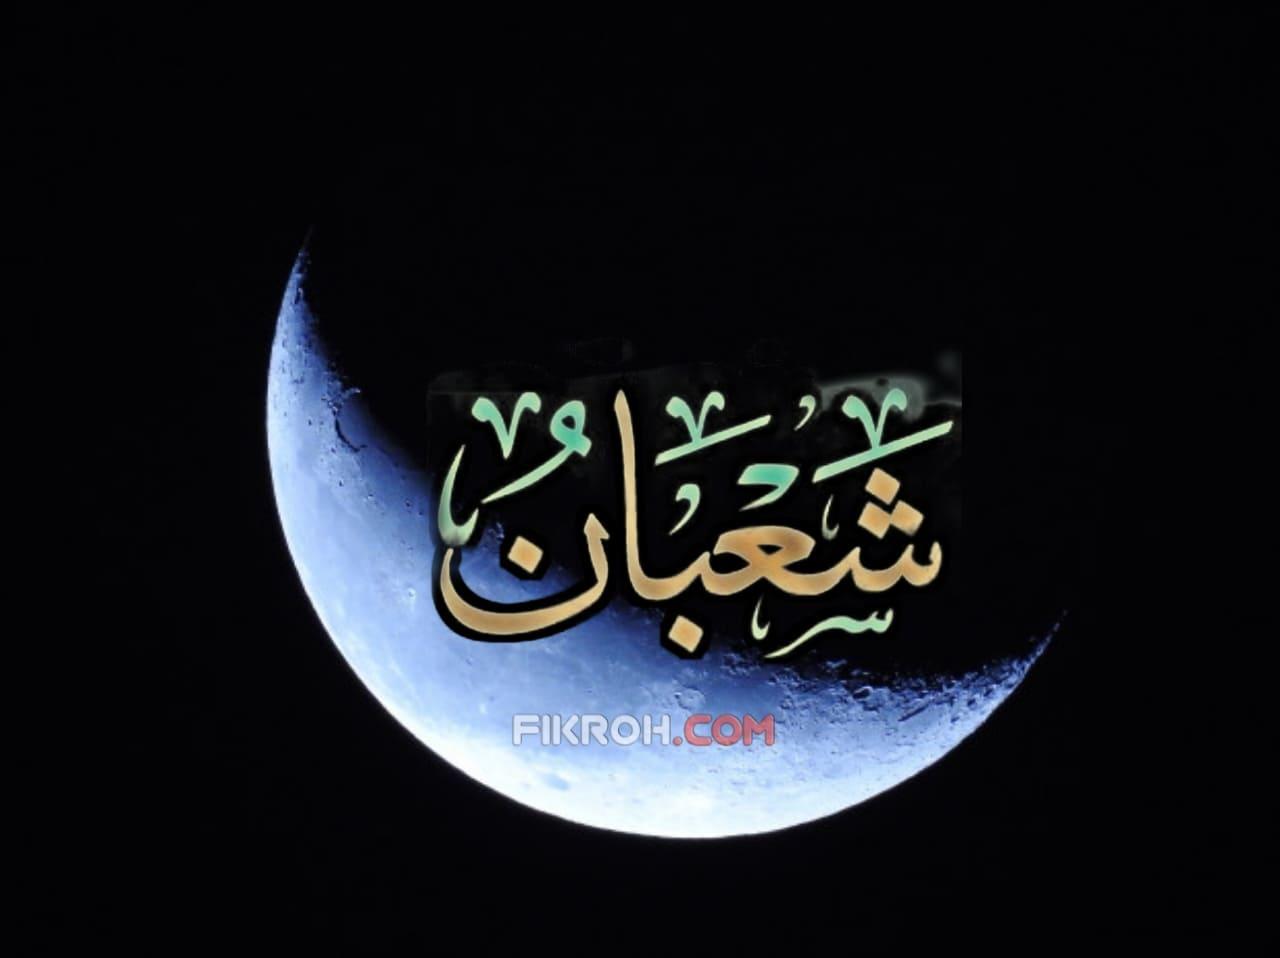 Definisi Bulan Sya'ban dan Keutamaannya